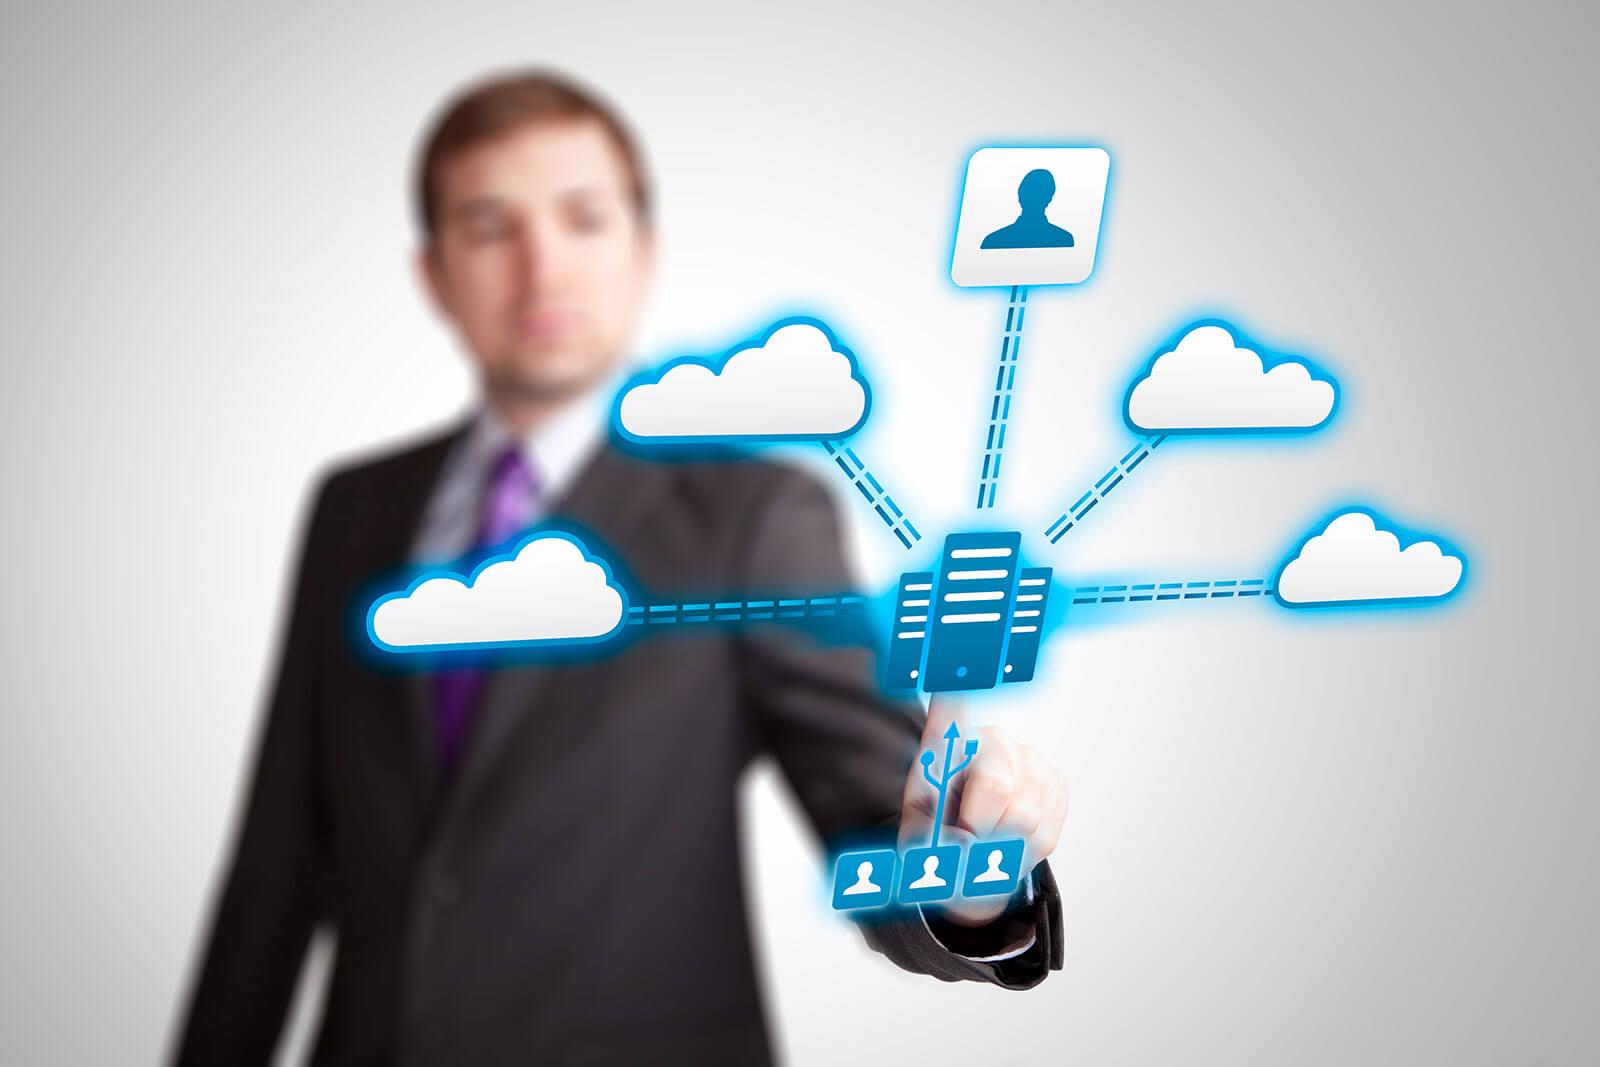 Consultoría y mantenimiento de sistemas informáticos